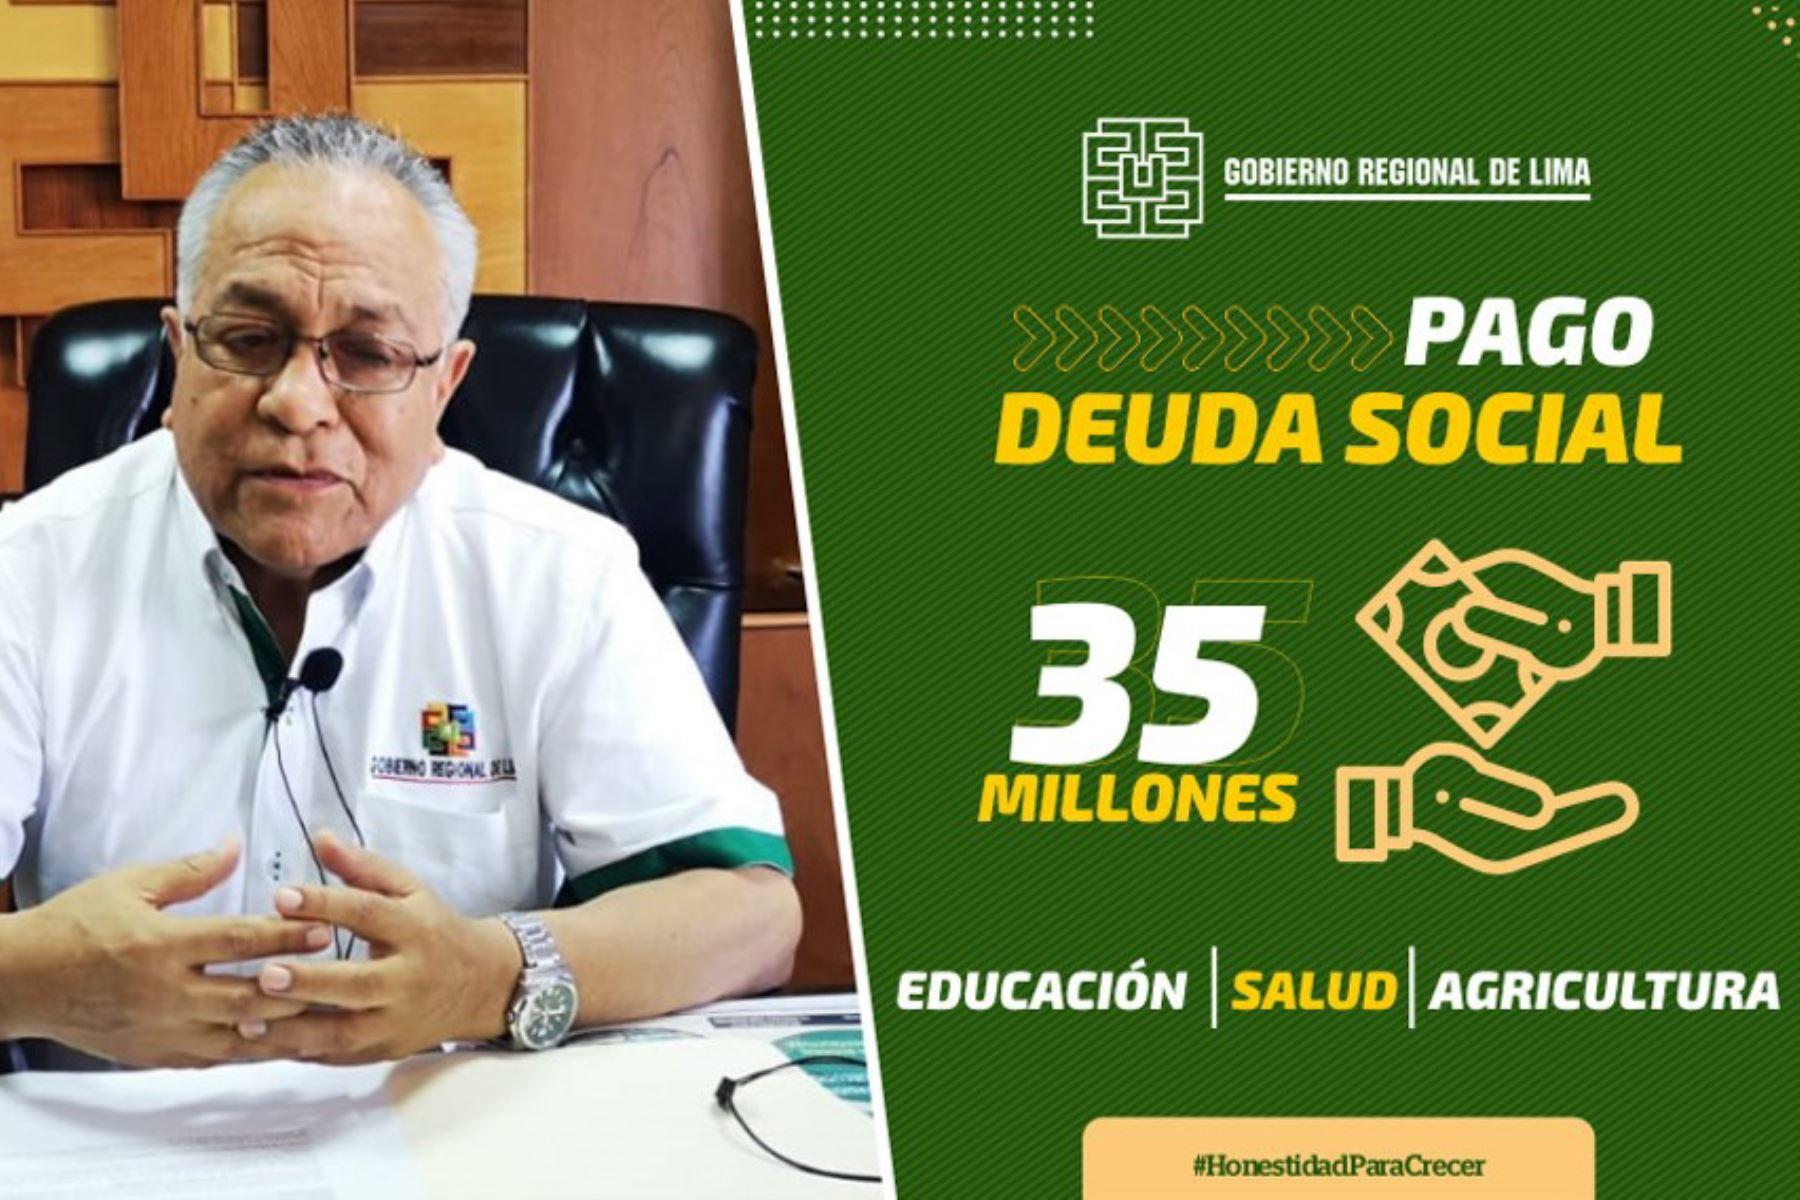 A partir de este lunes 27 de enero, el Gobierno Regional de Lima empezará el pago de la deuda social a los servidores activos y cesantes de los sectores educación, salud y agricultura, con un presupuesto de 35 millones de soles. ANDINA/Difusión